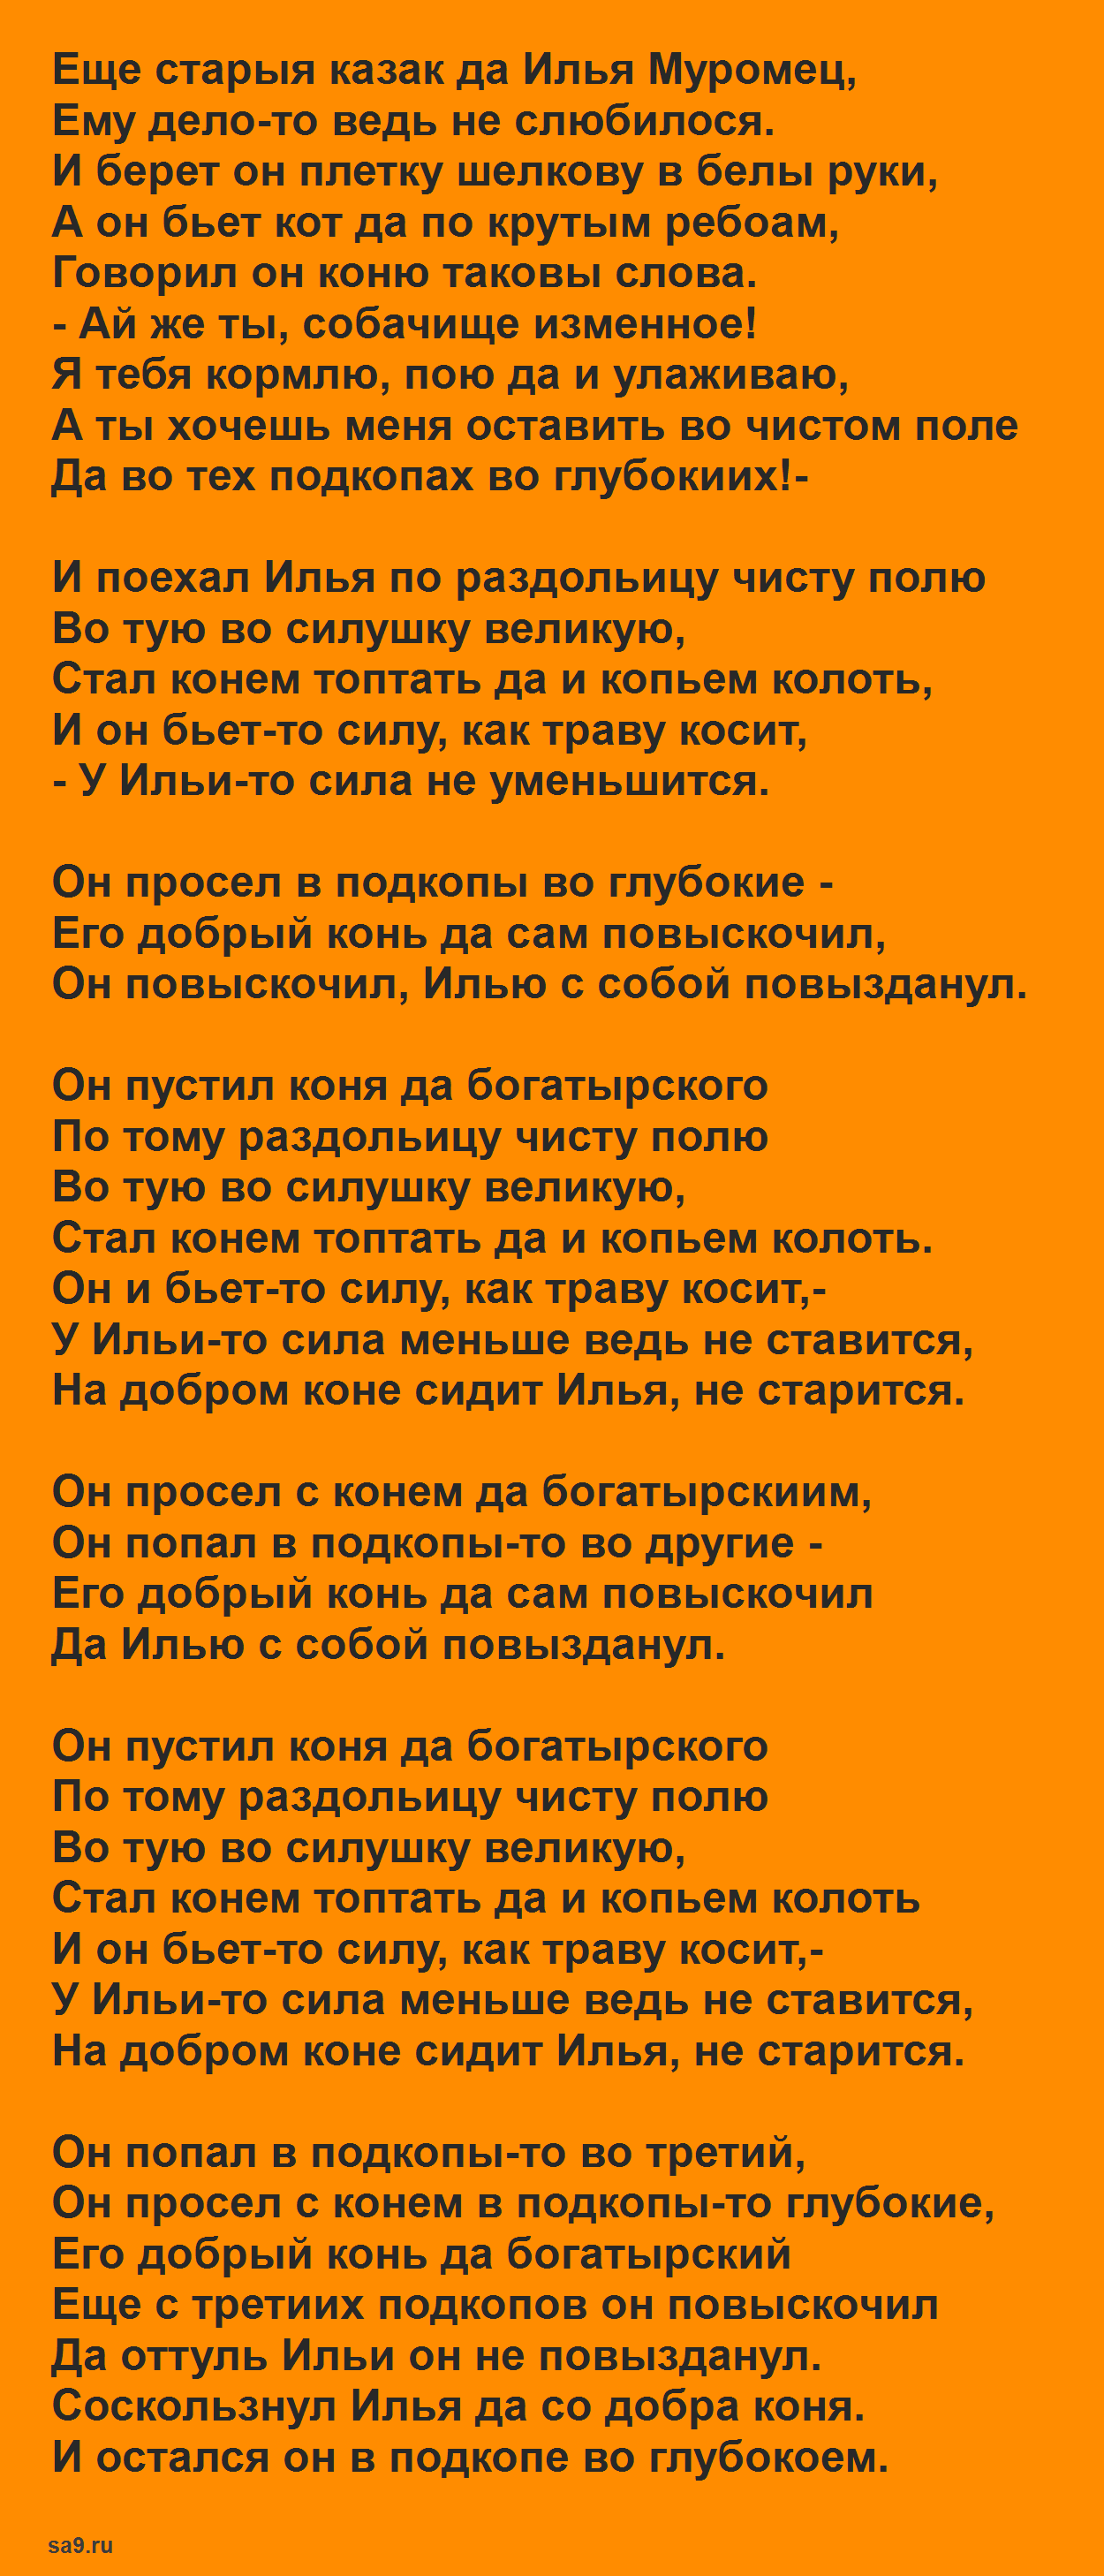 Читаем русскую народную былину - Илья Муромец и Калин царь